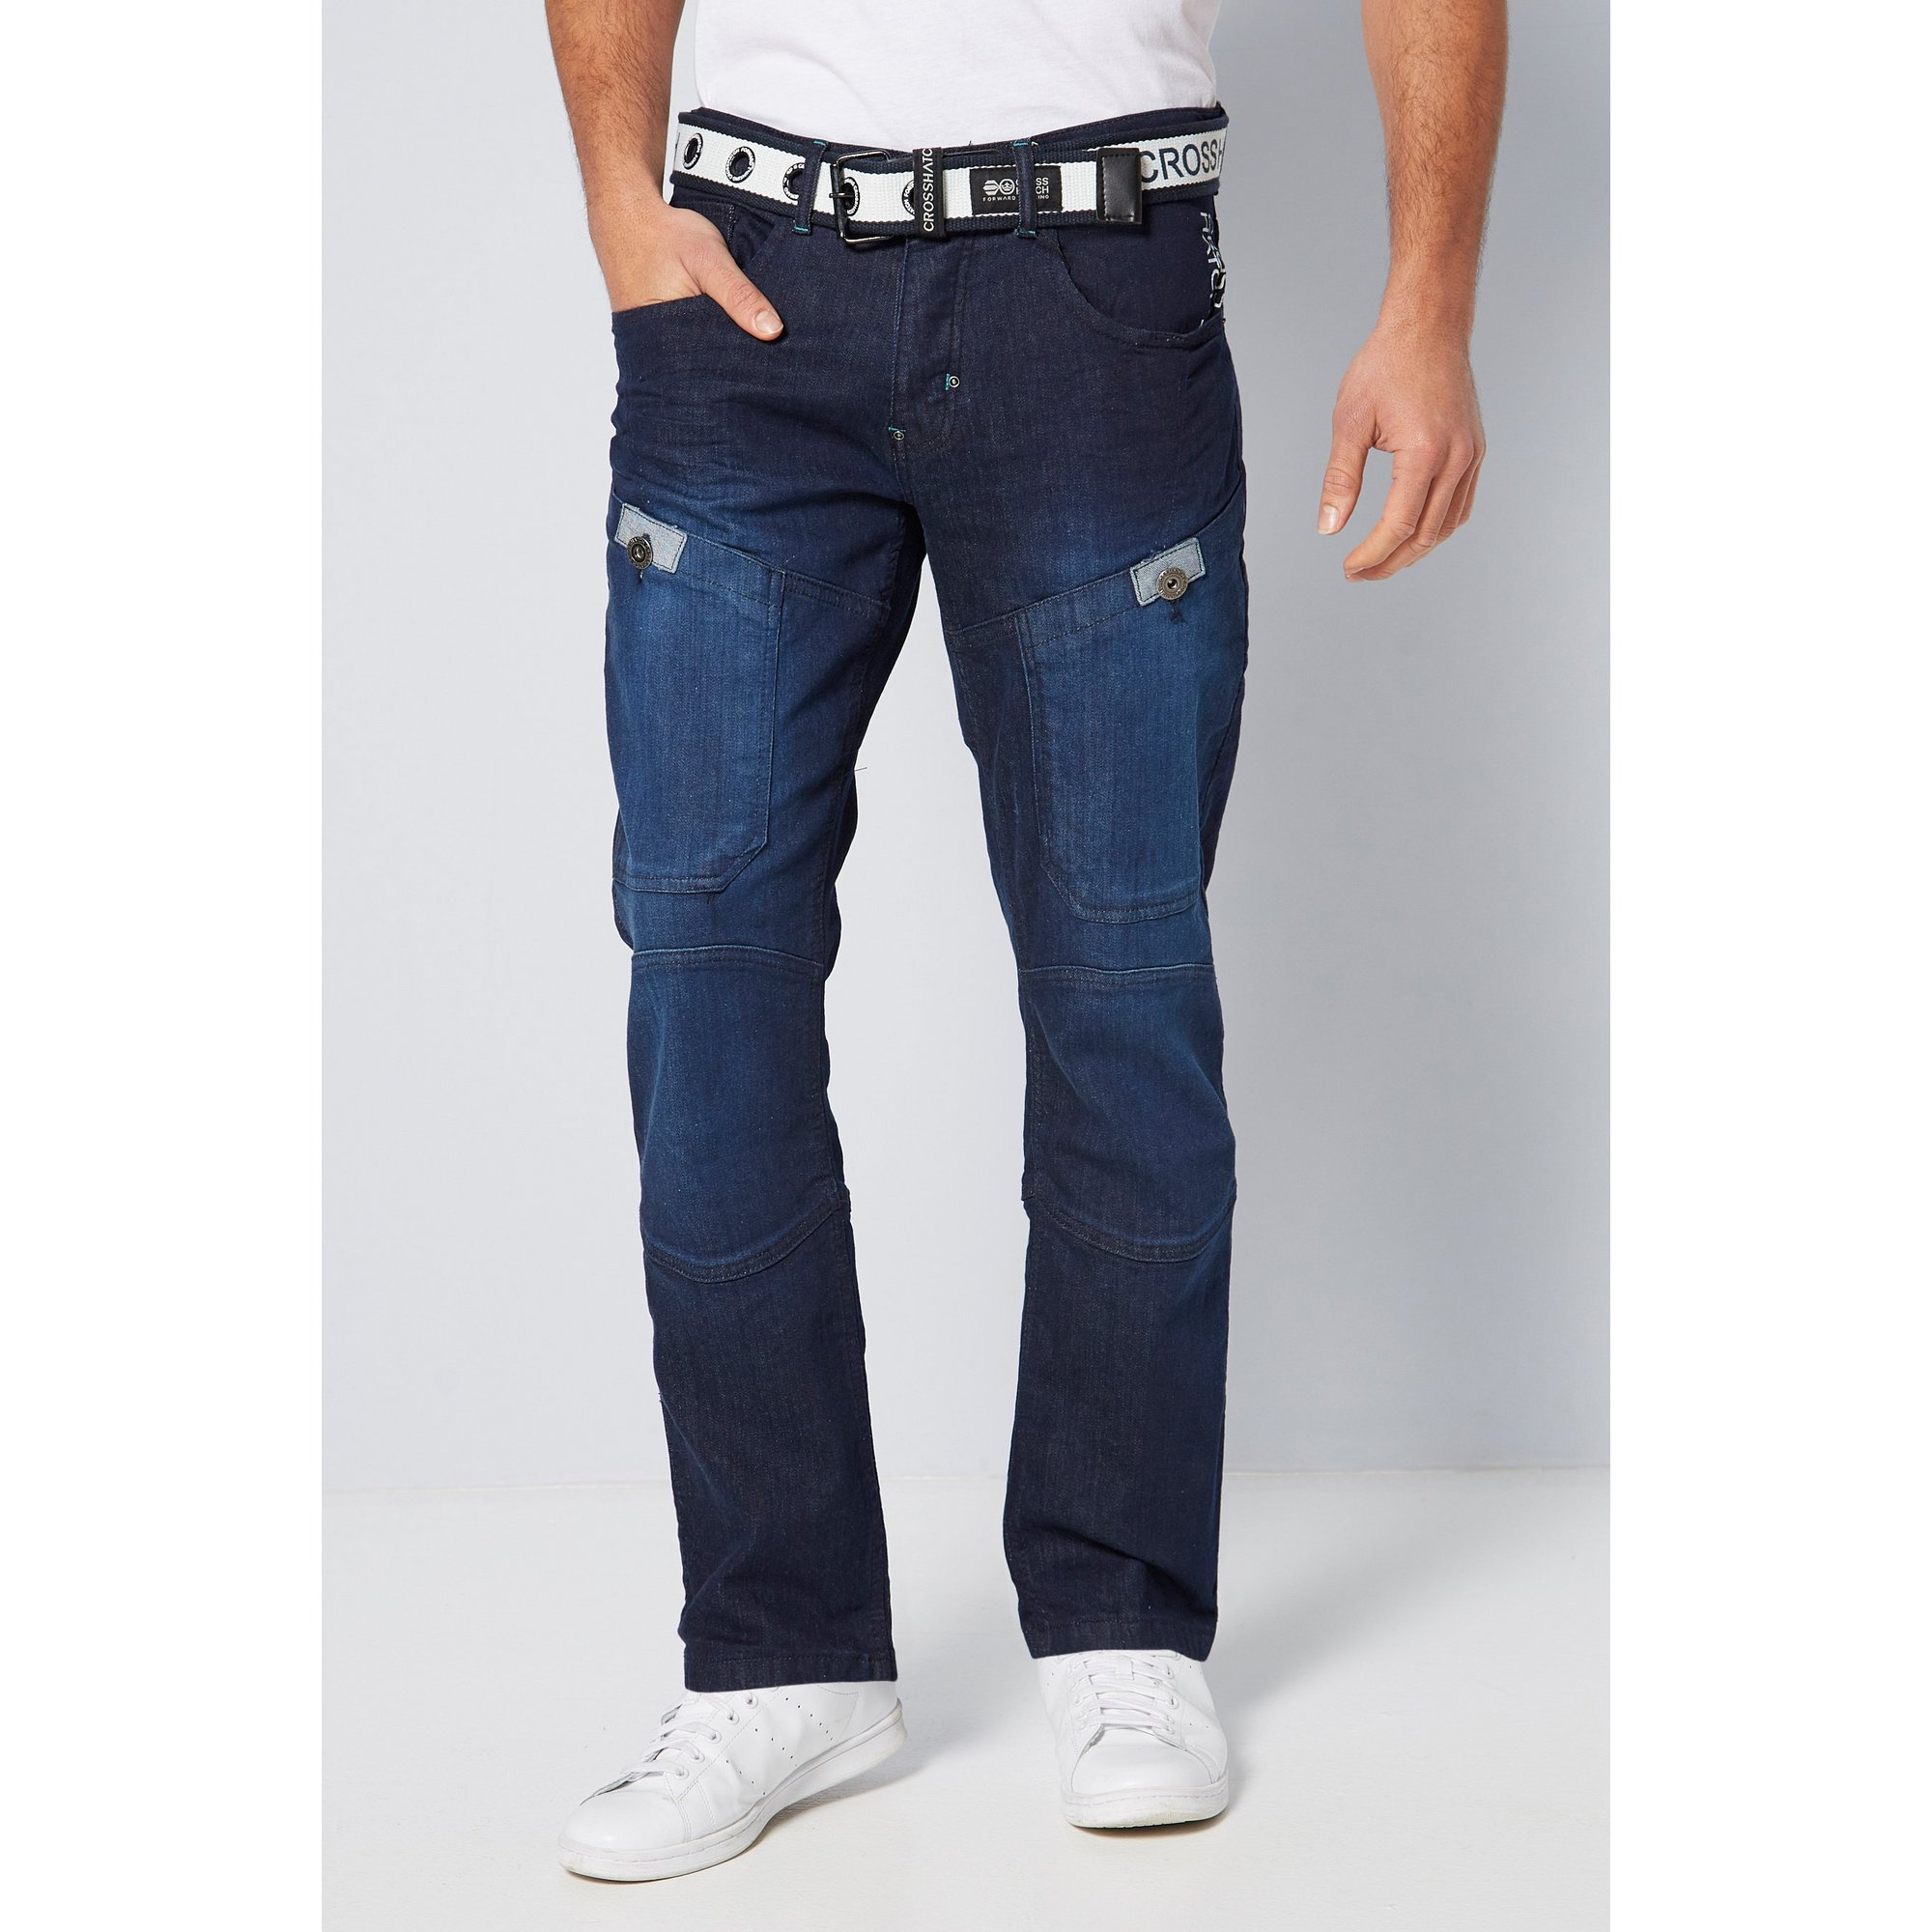 Image of Crosshatch Belted Regular Fit Jeans